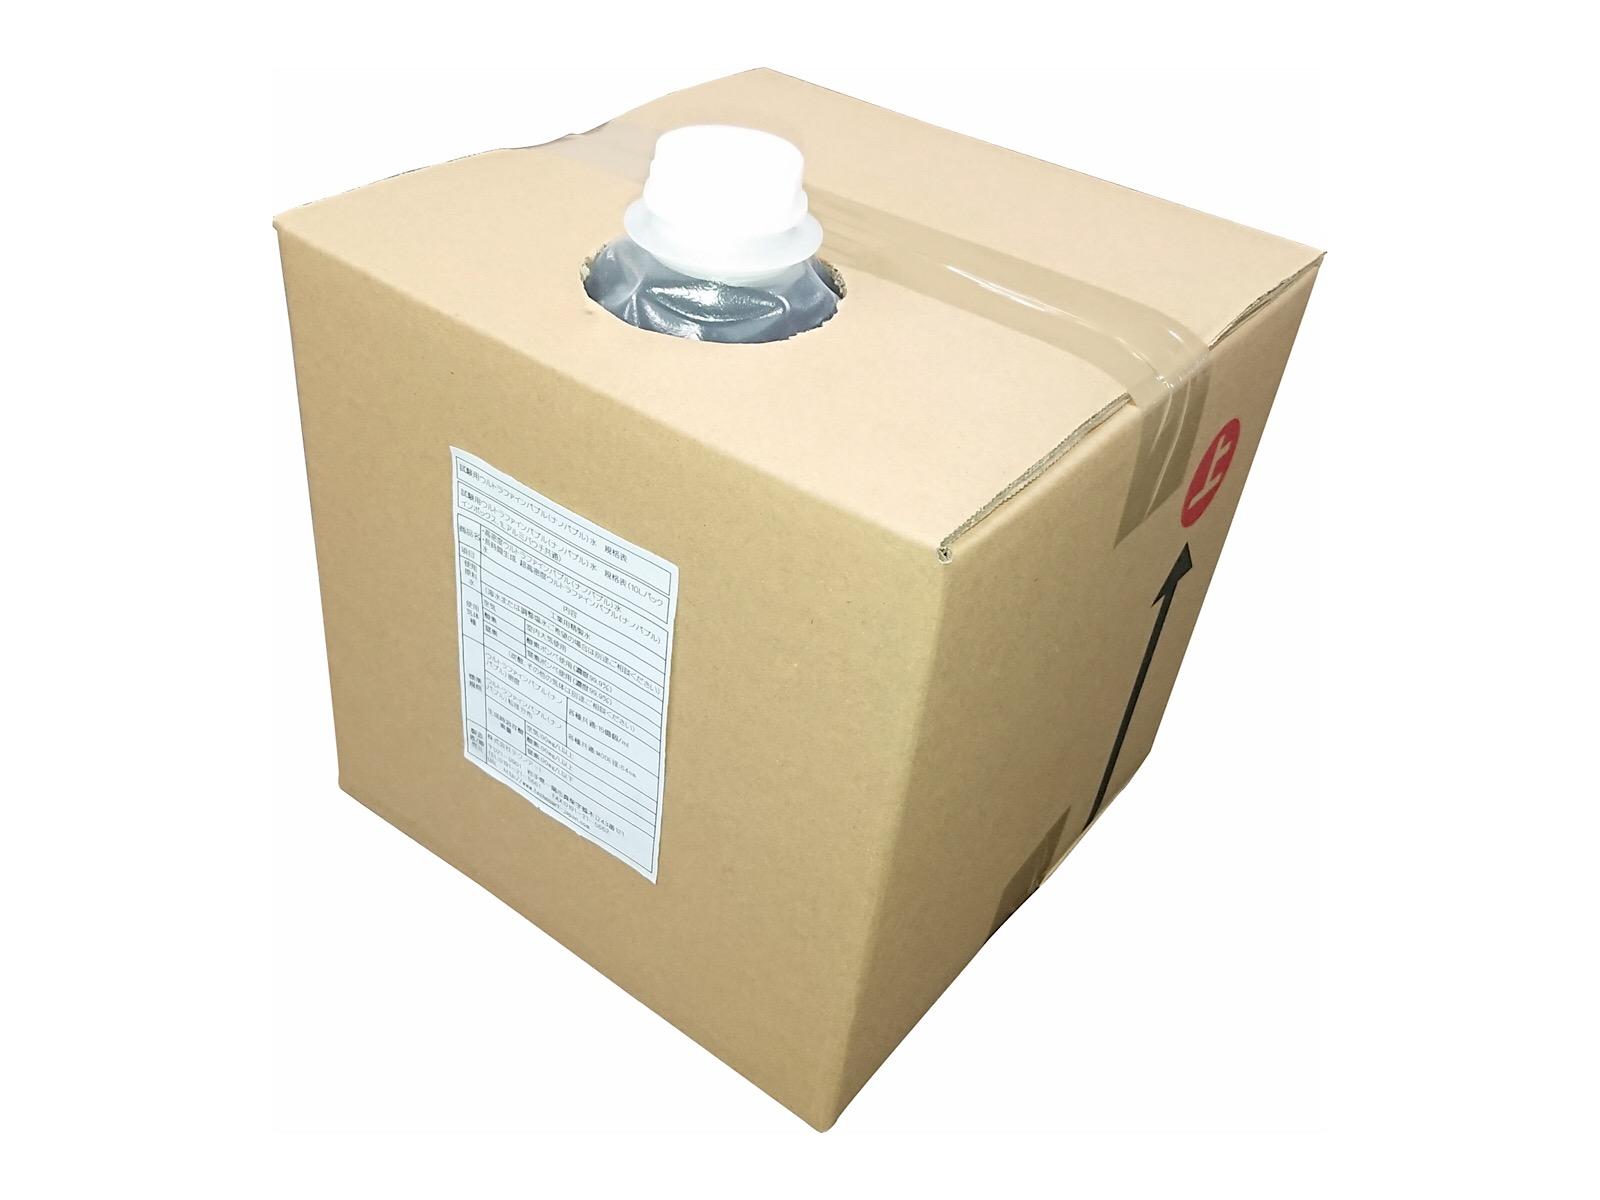 試験用/研究用/高密度酸素/ウルトラファインバブル/ナノバブル/水/10L/酸素ナノバブル水